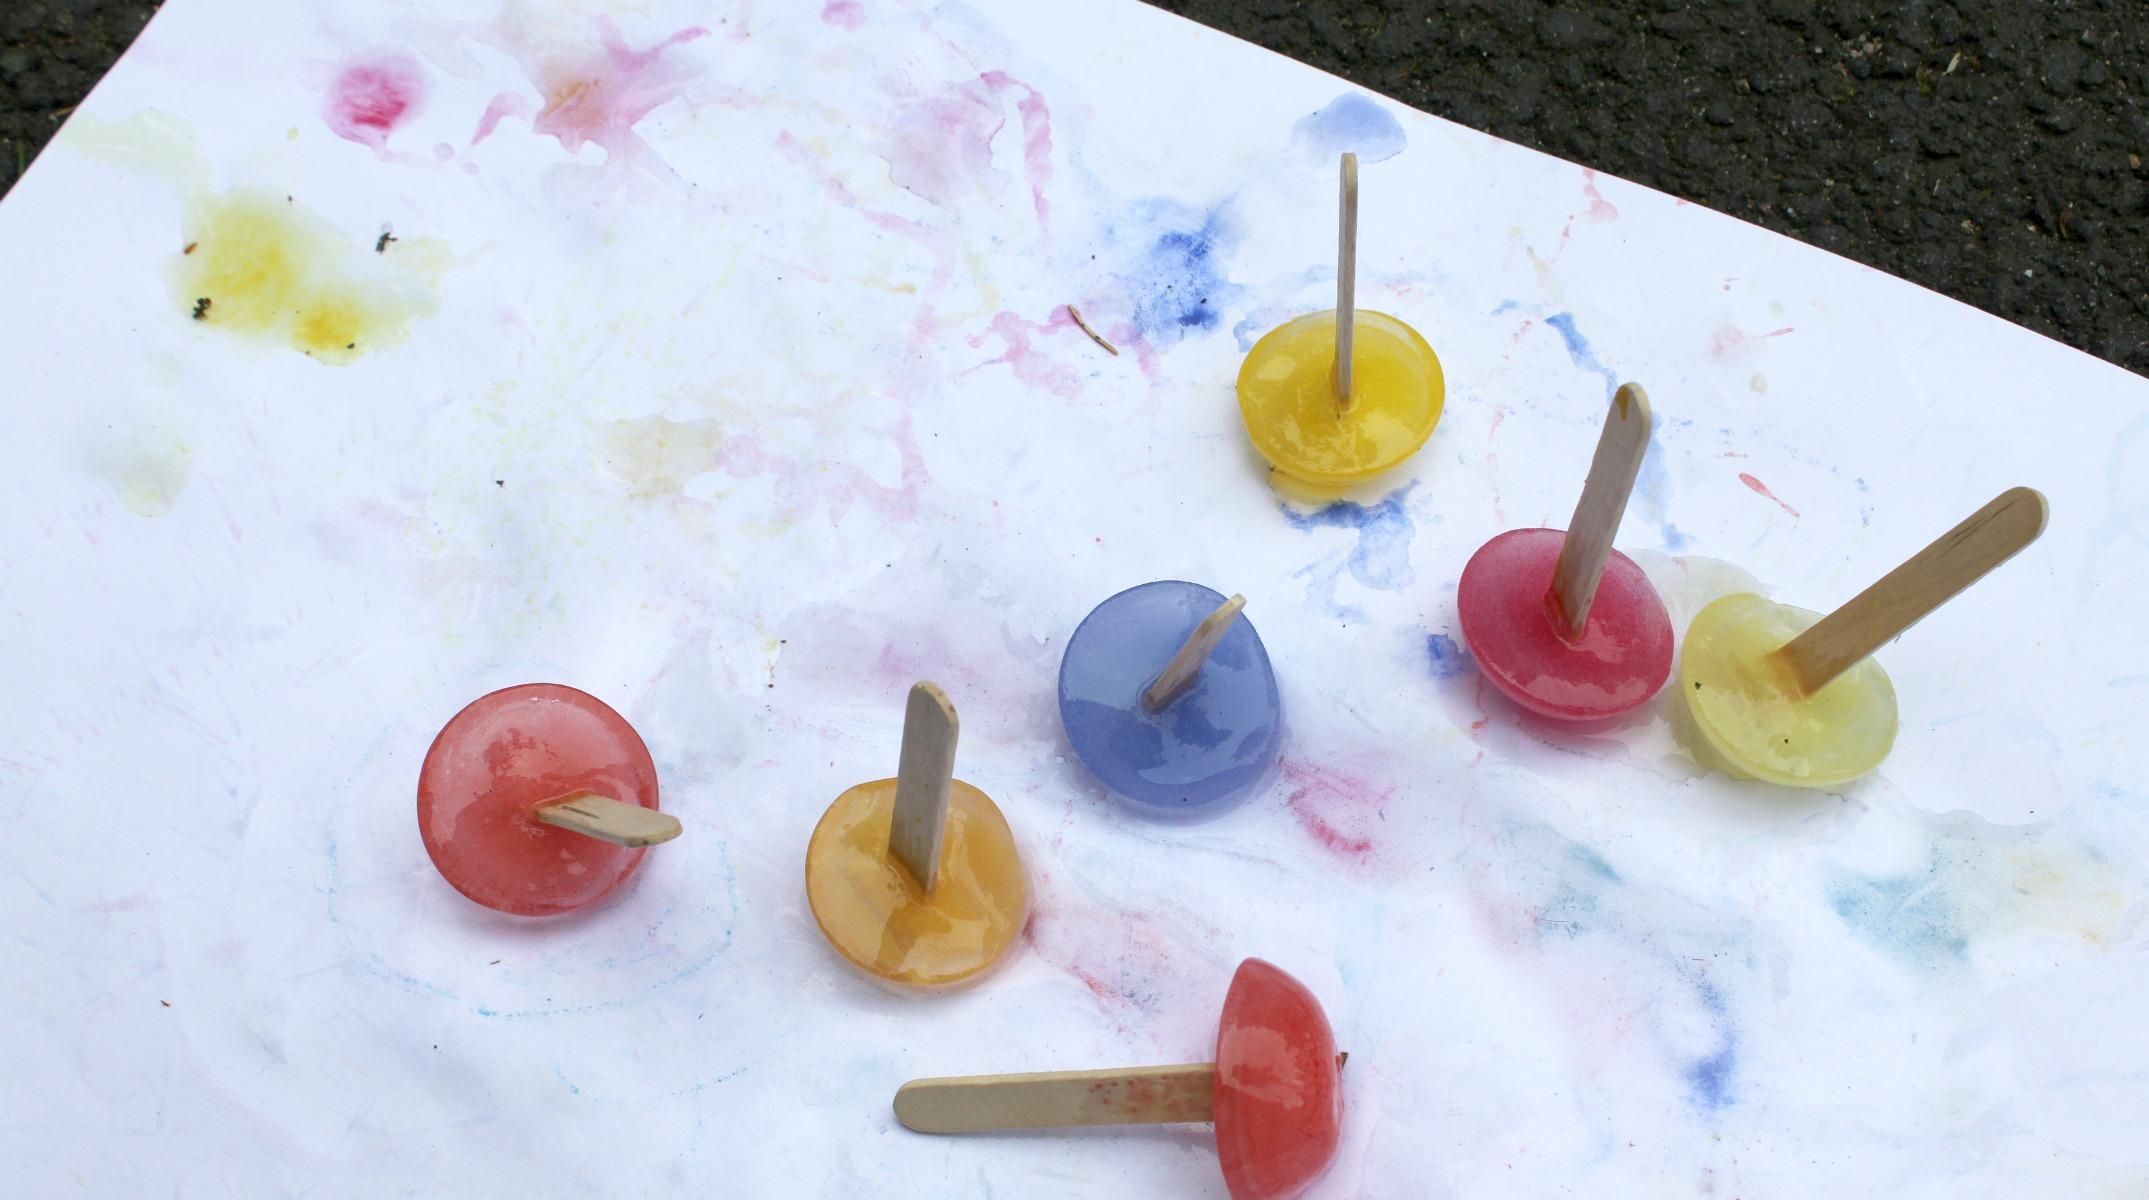 Jäävärit / maalausta jäädytetyillä vesiväripuikoilla